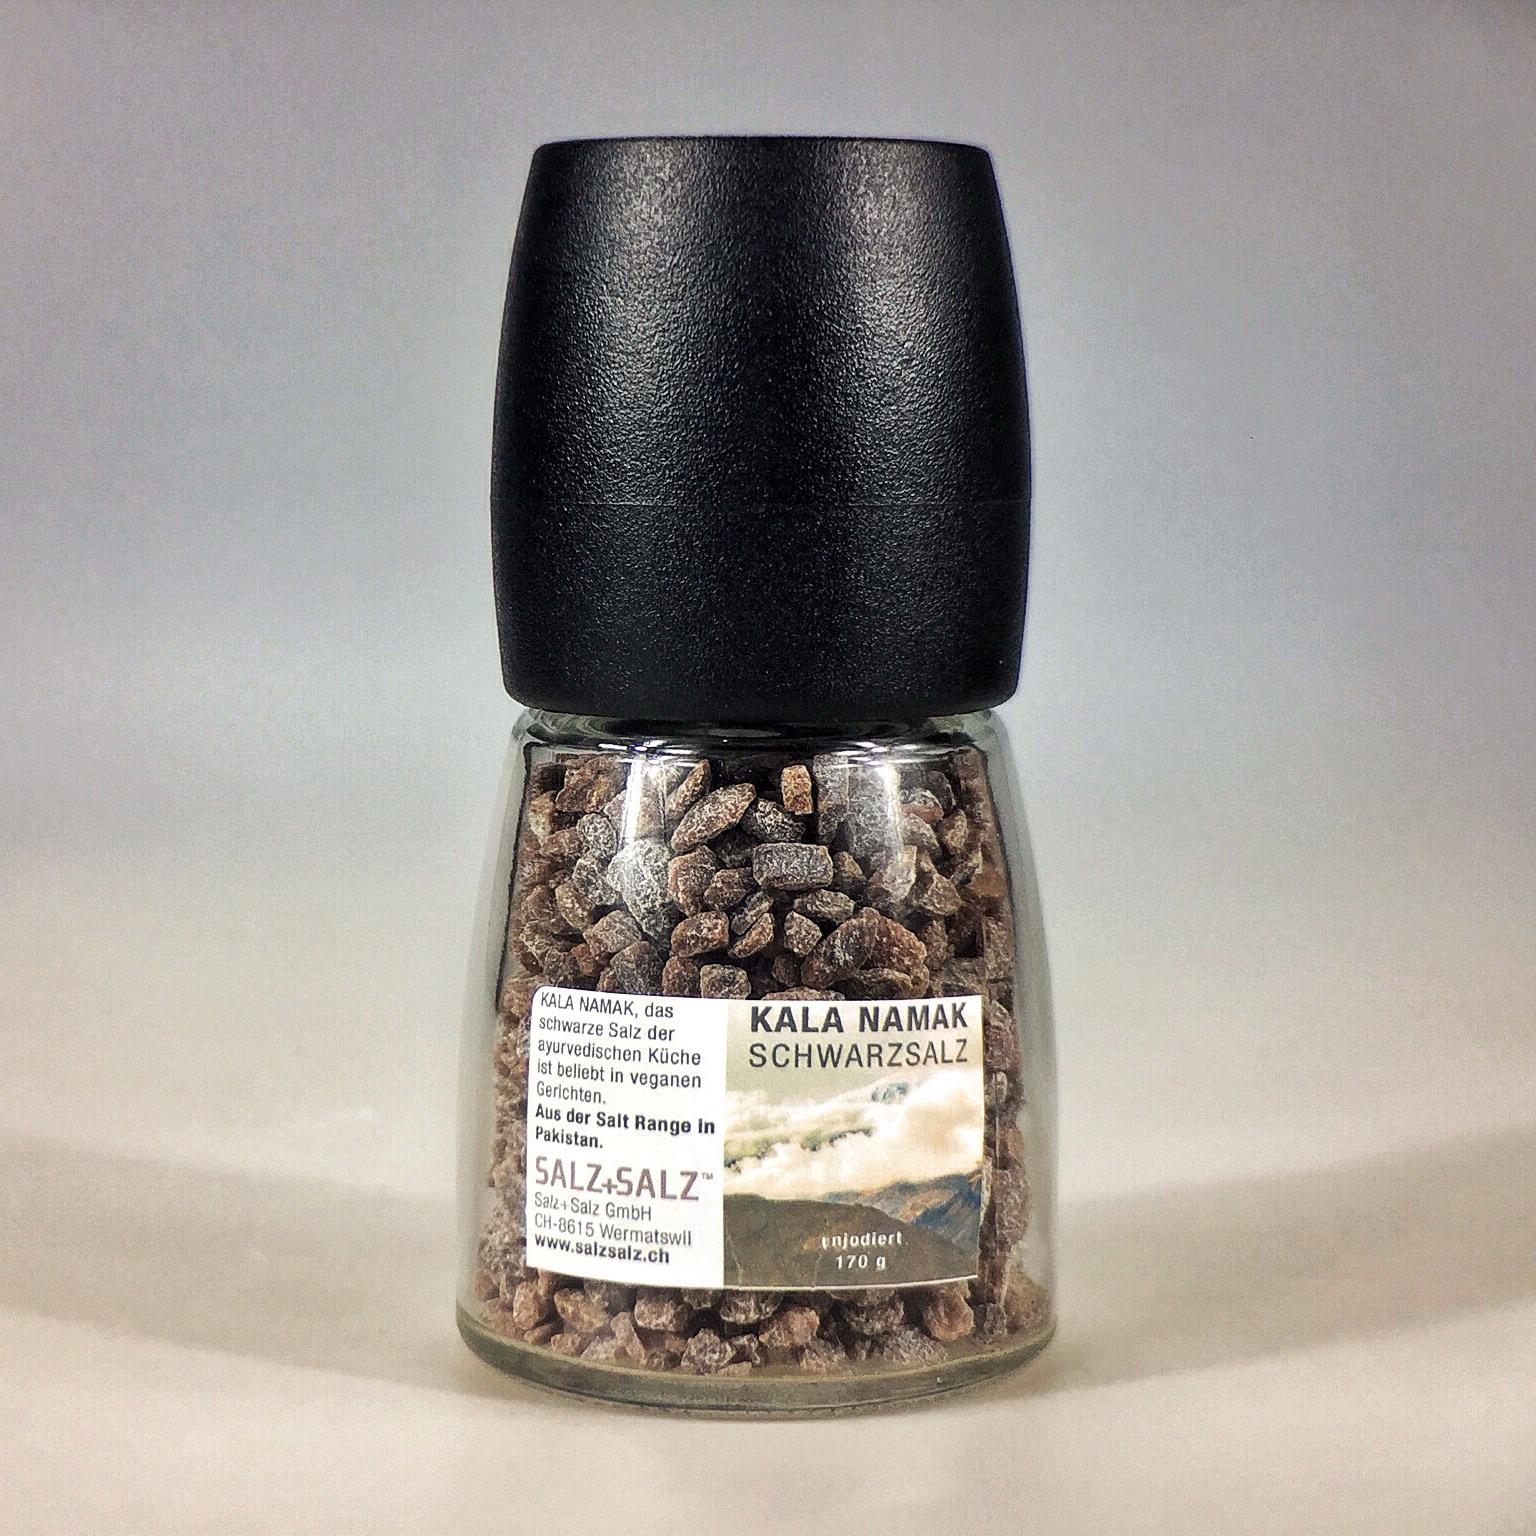 Kala Namak schwarzes Salz in Salzmühle 170 g